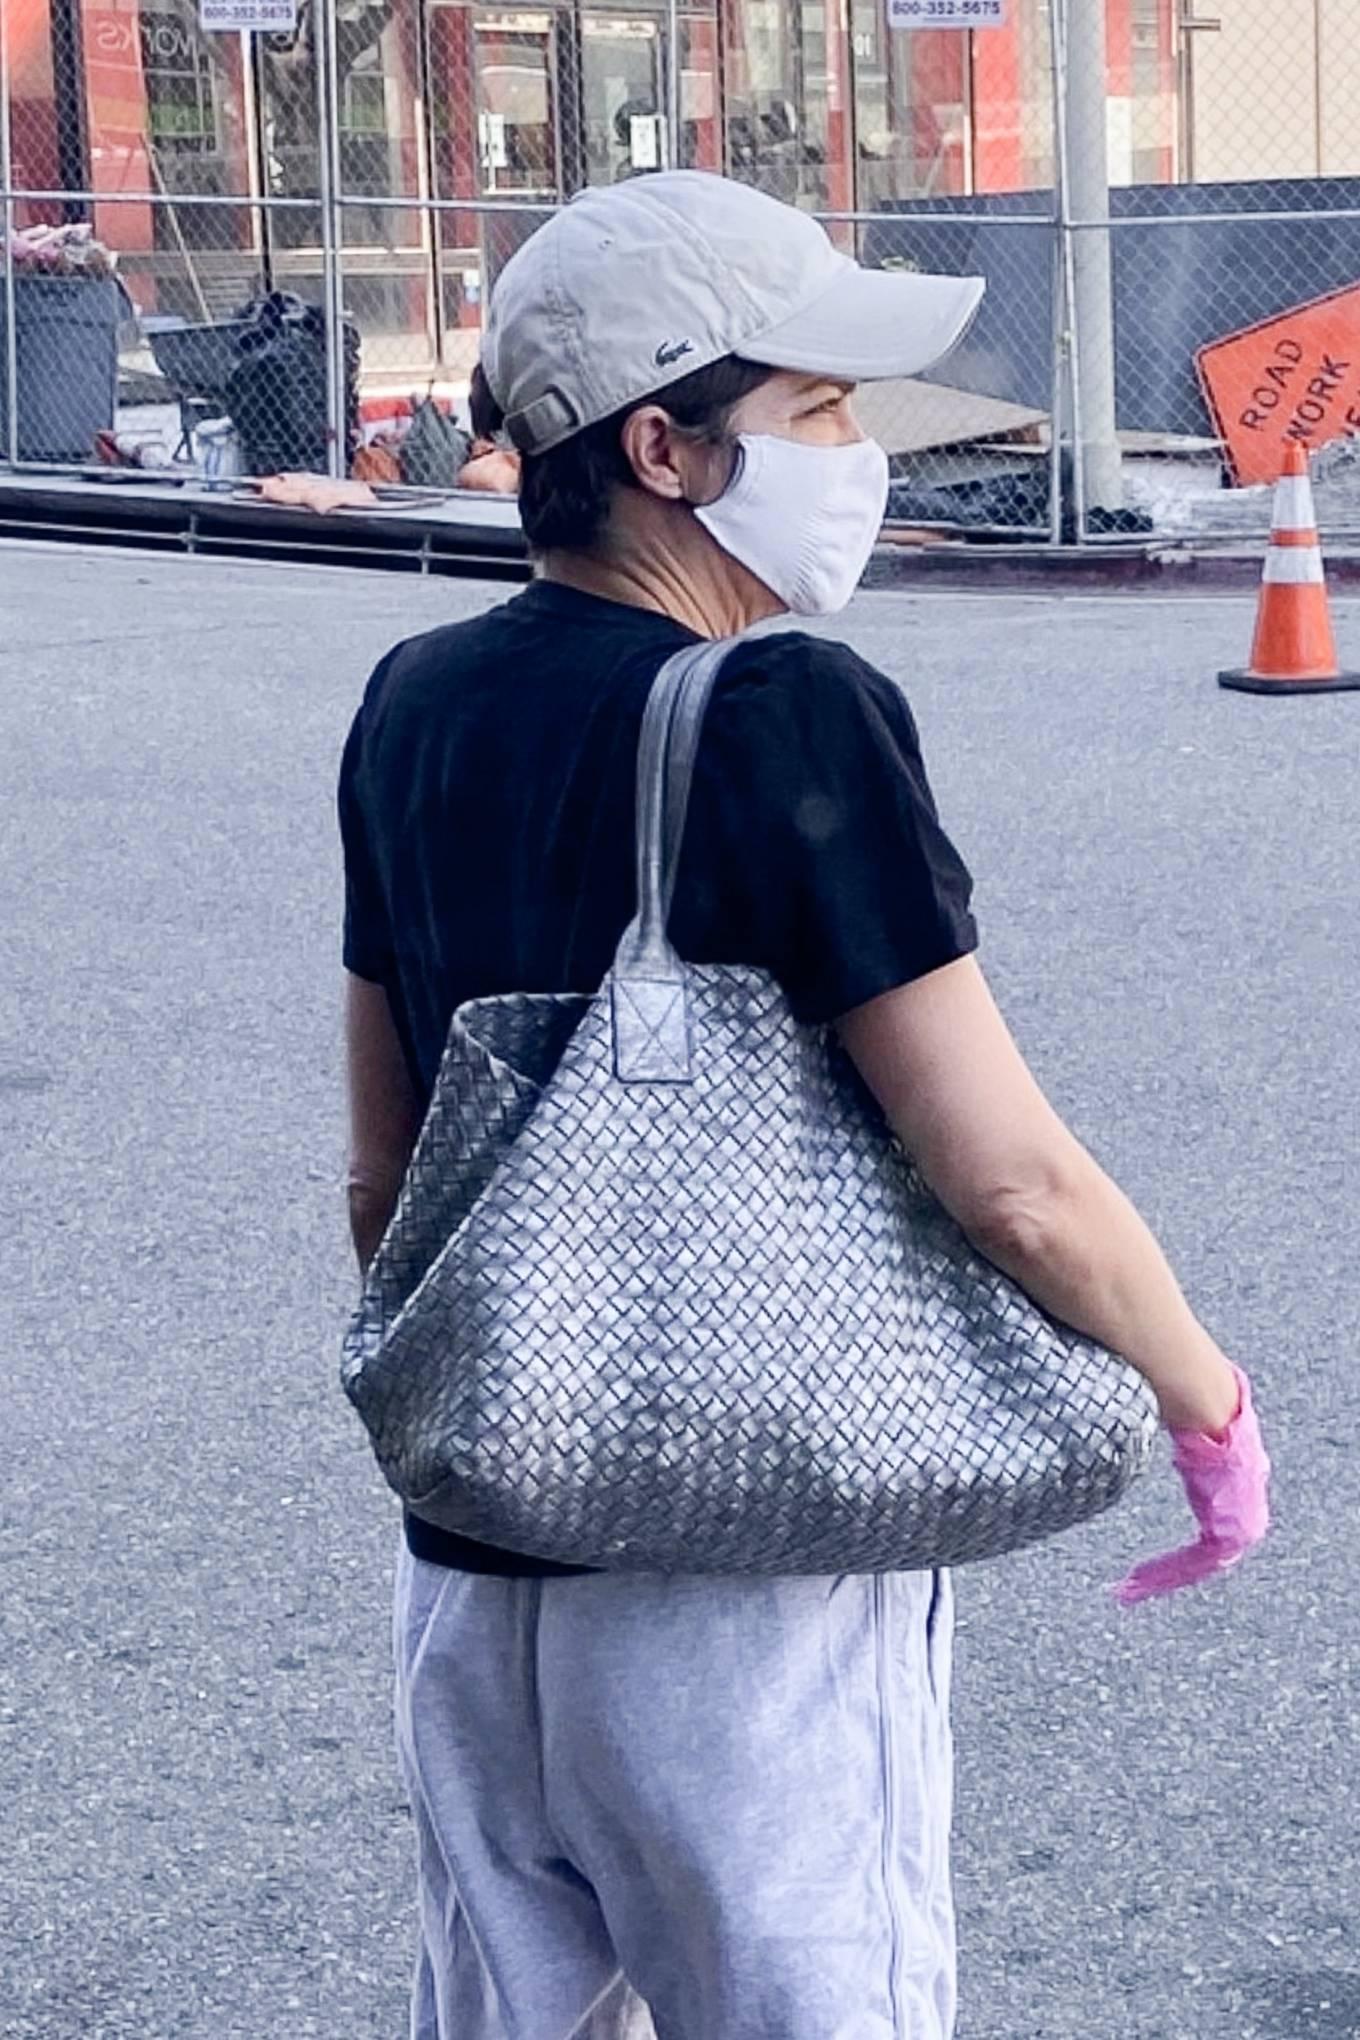 Selma Blair 2020 : Selma Blair – Wears leg braces as she leaves a medical building in Los Angeles-04